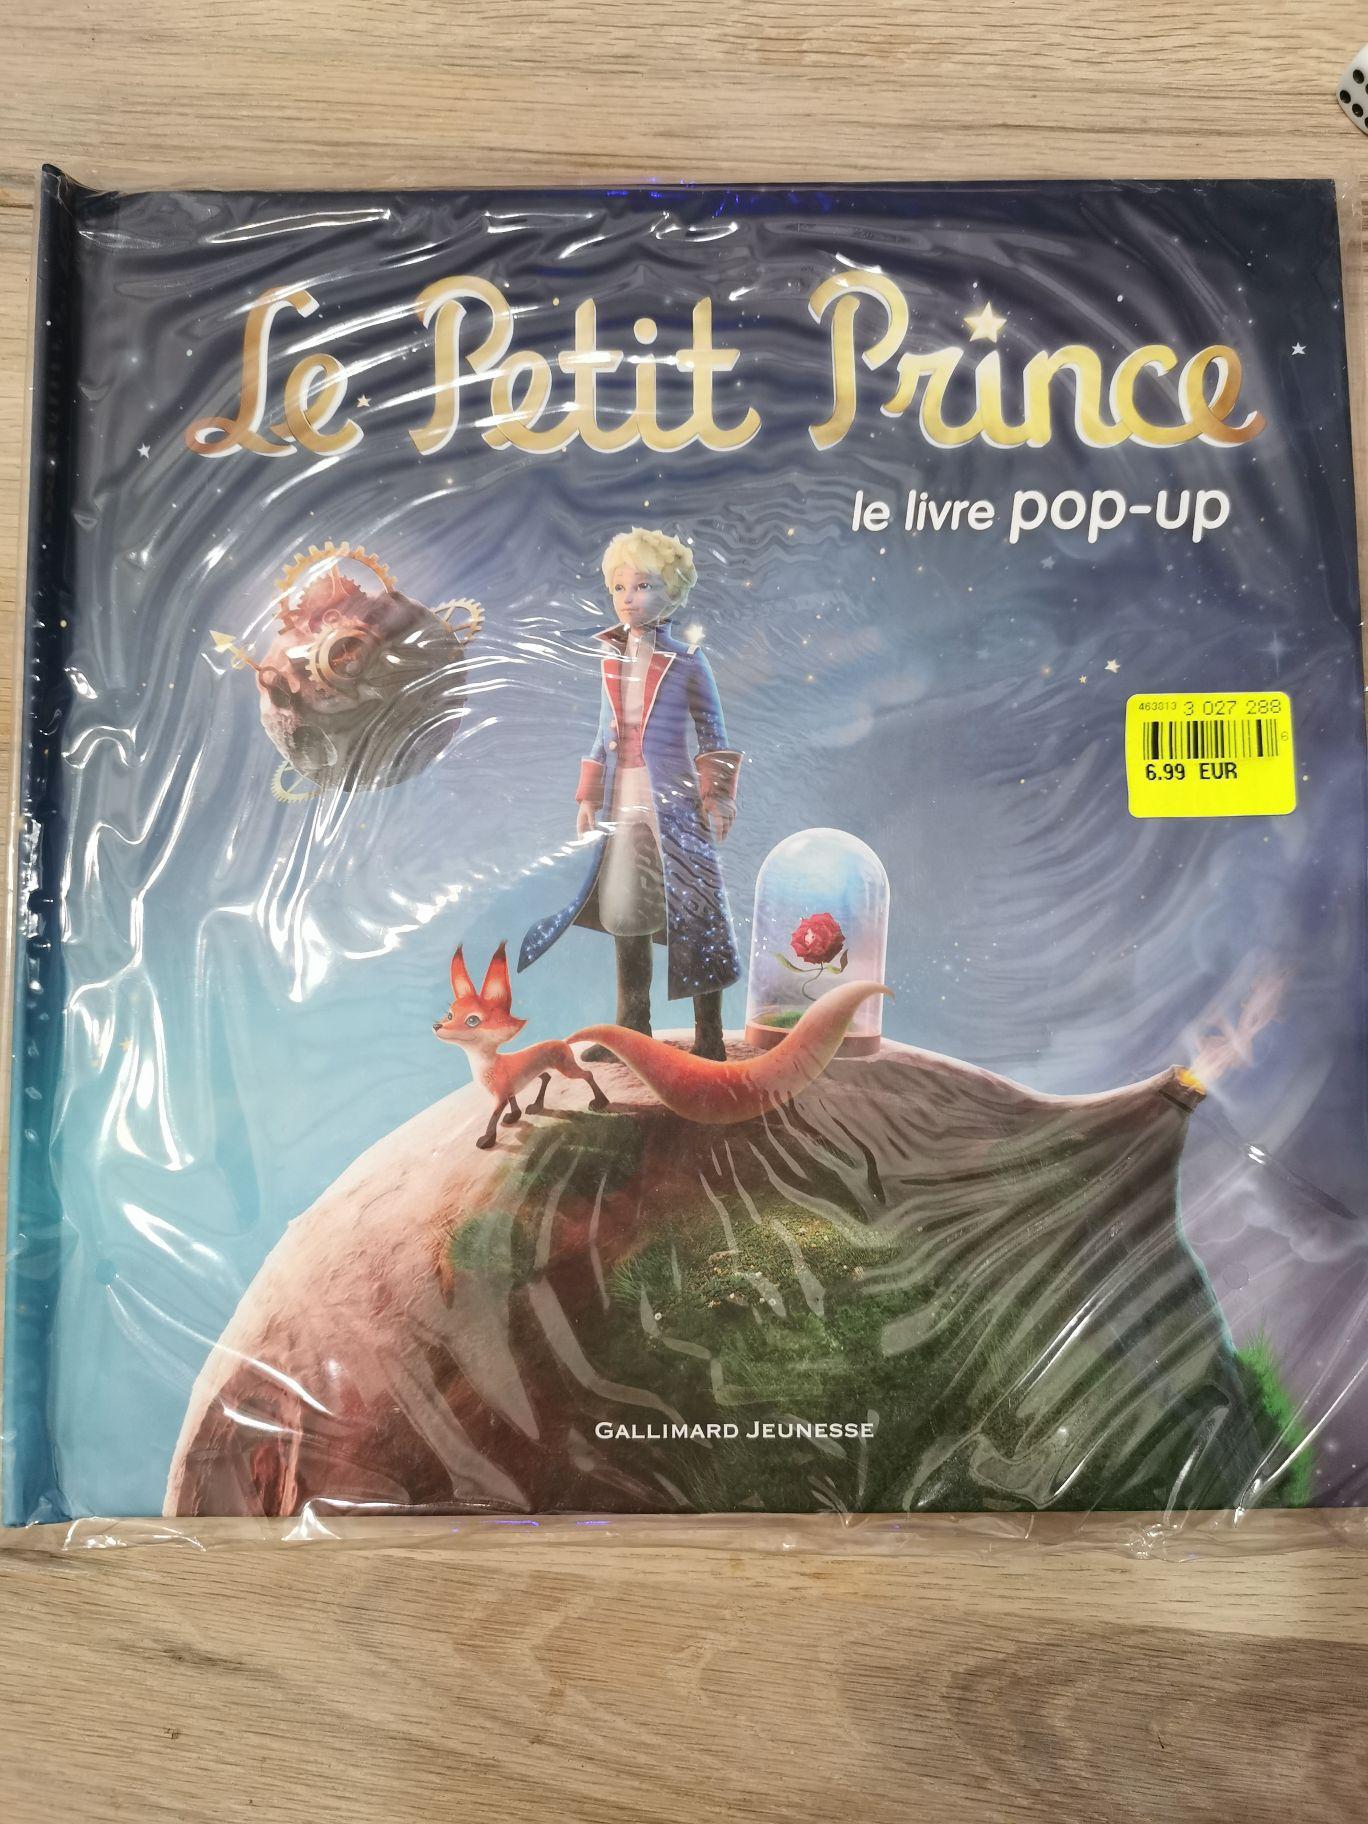 Livre Le Petit Prince à pop-up - Angers (49)